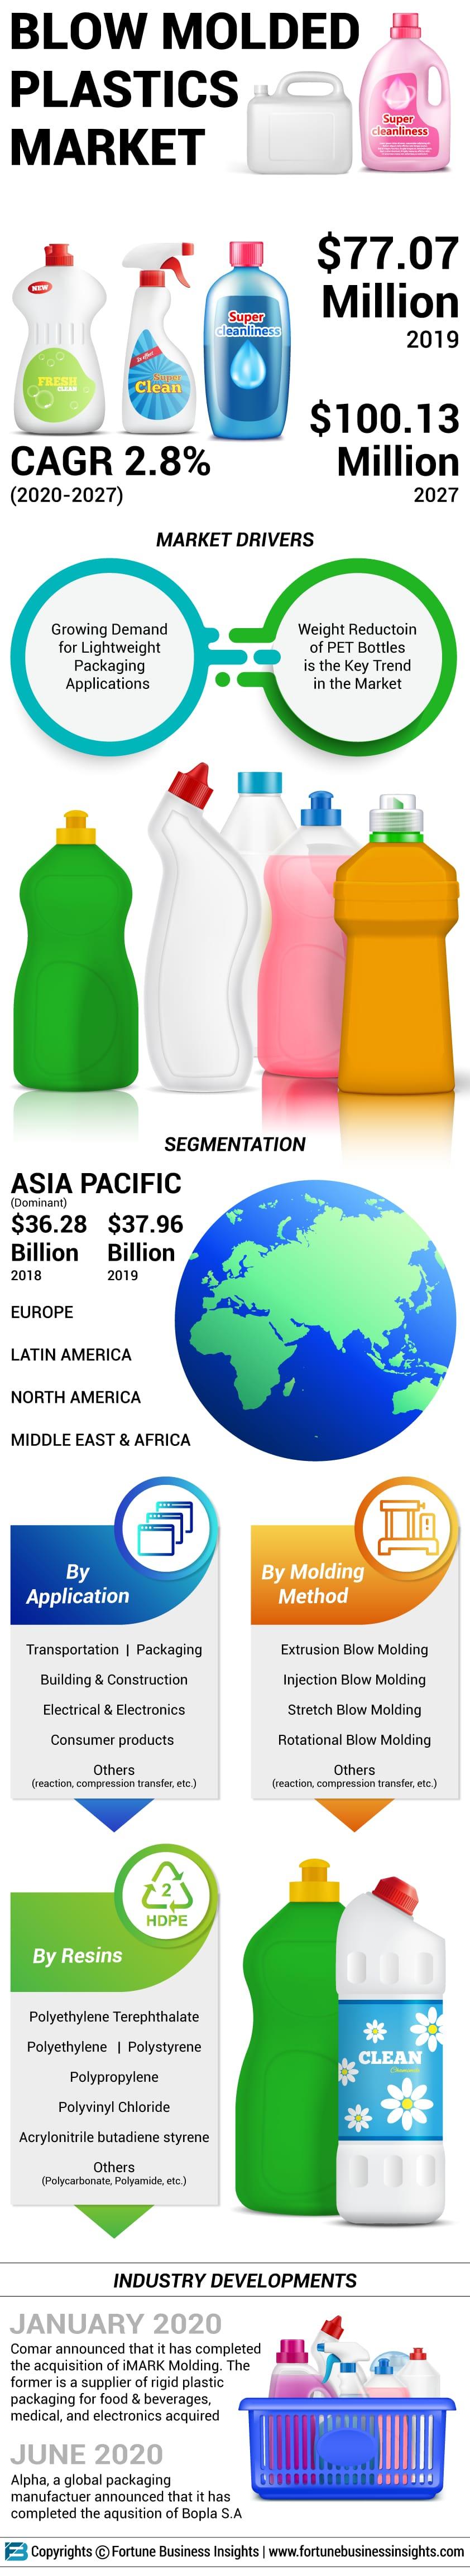 Blow Molded Plastics Market